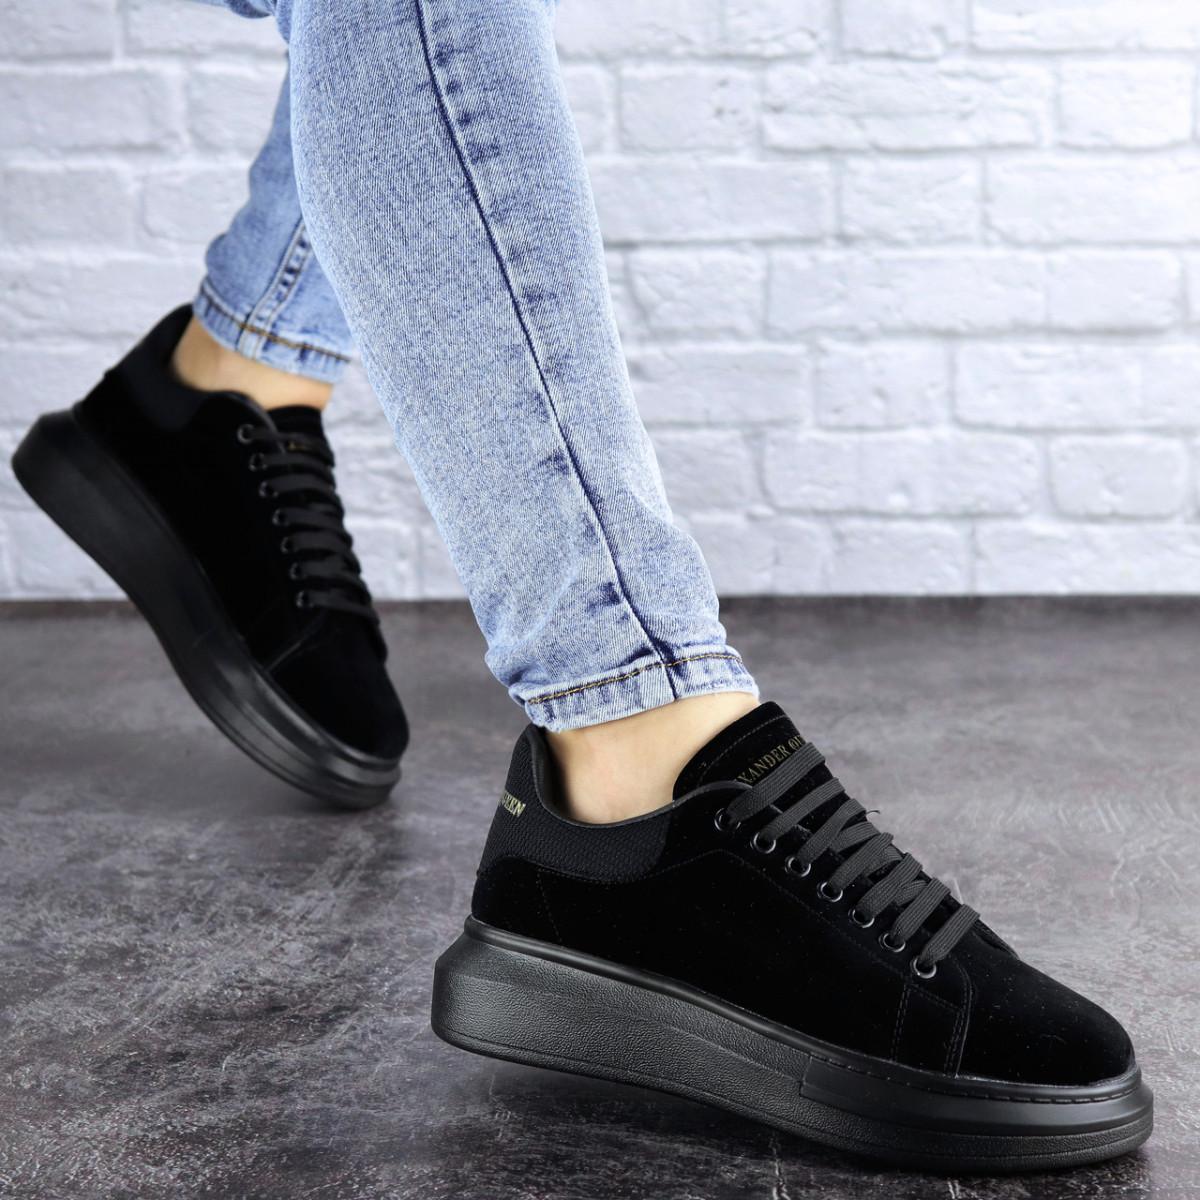 Кроссовки женские черные Hoosier 2132 (36 размер)